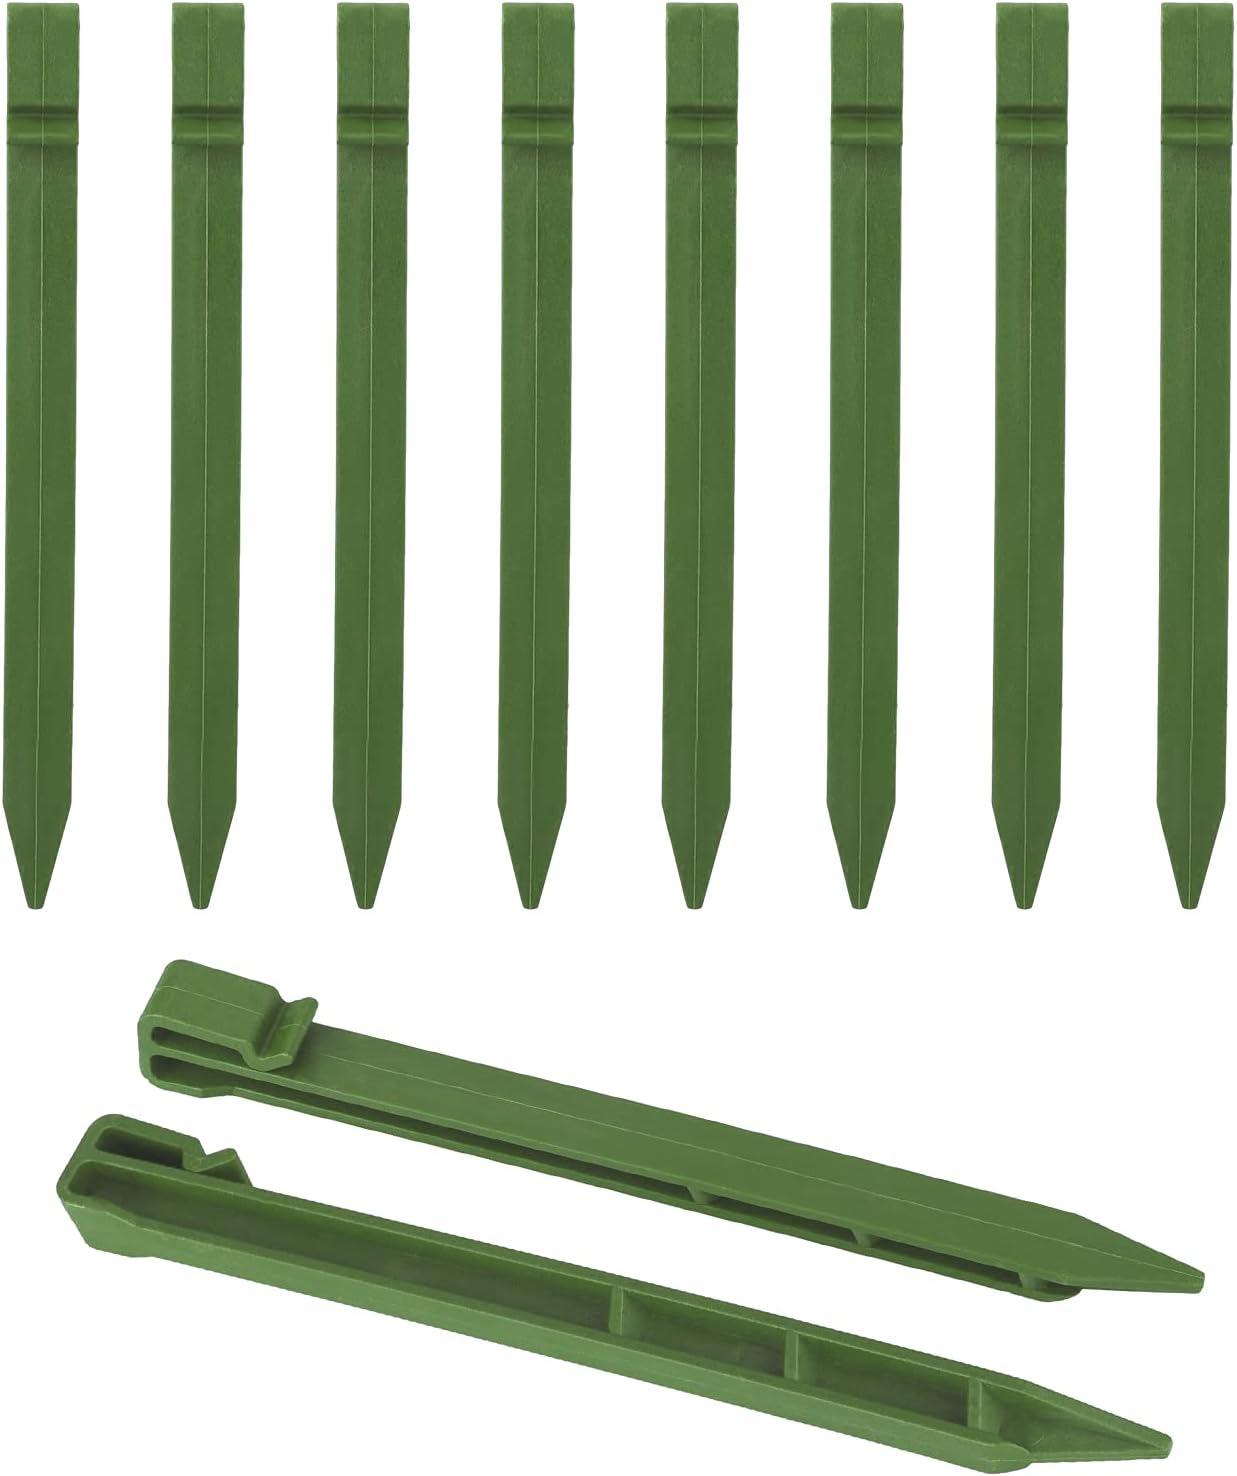 Ironhorse Postes de jardín de plástico, anclajes de jardín, anclajes de paisaje, clavos de tela a prueba de césped para fijar vallas, césped, lonas y bordes de paisaje